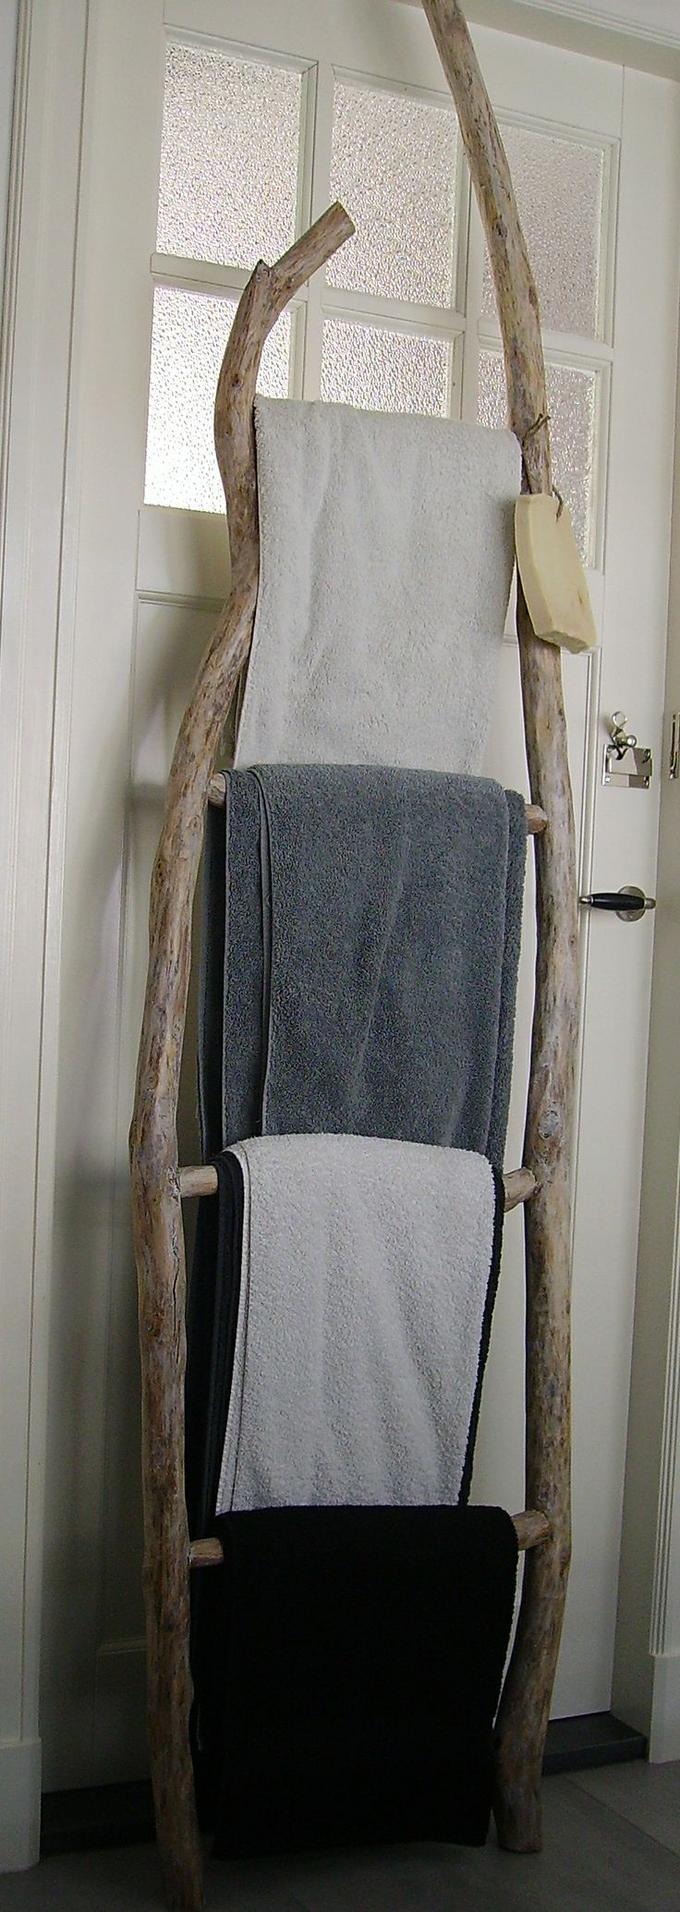 Schöne Idee für das Badezimmer zum Handtücher aufhängen. Foto ...